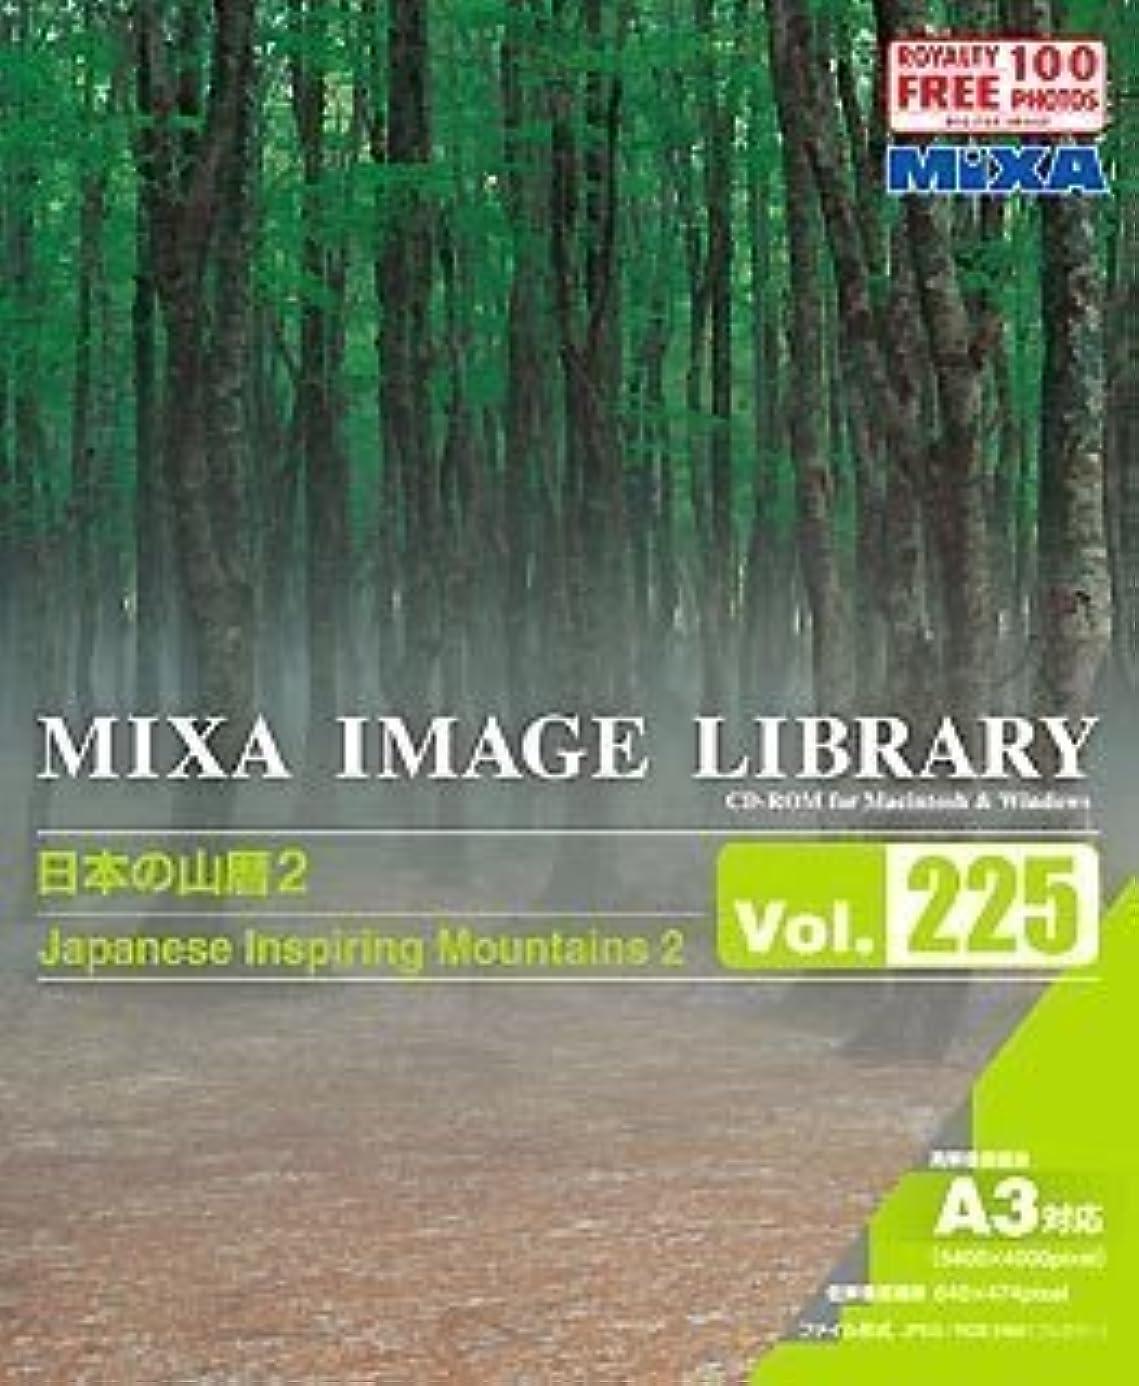 台無しにカフェワイプMIXA Image Library Vol.225 日本の山暦2